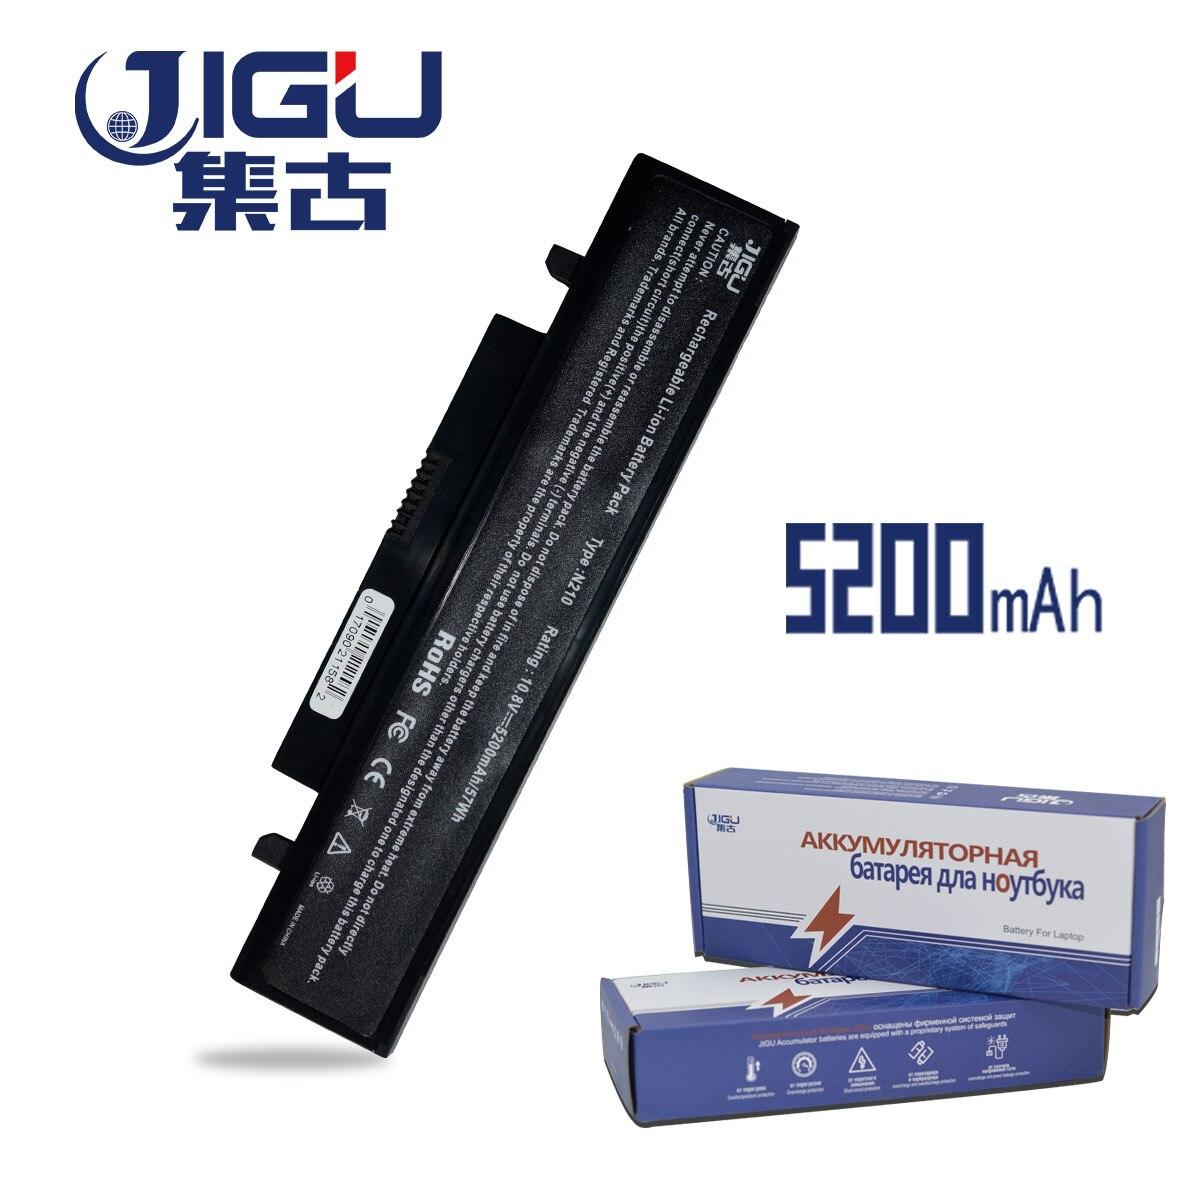 AA-PB1VC6W AA-PL1VC6B AA-PB1VC6B JIGU Bateria Do Portátil Para Samsung N145 N210 N218 N220 N210 Q328 Q330 X318 X320 X420 X318